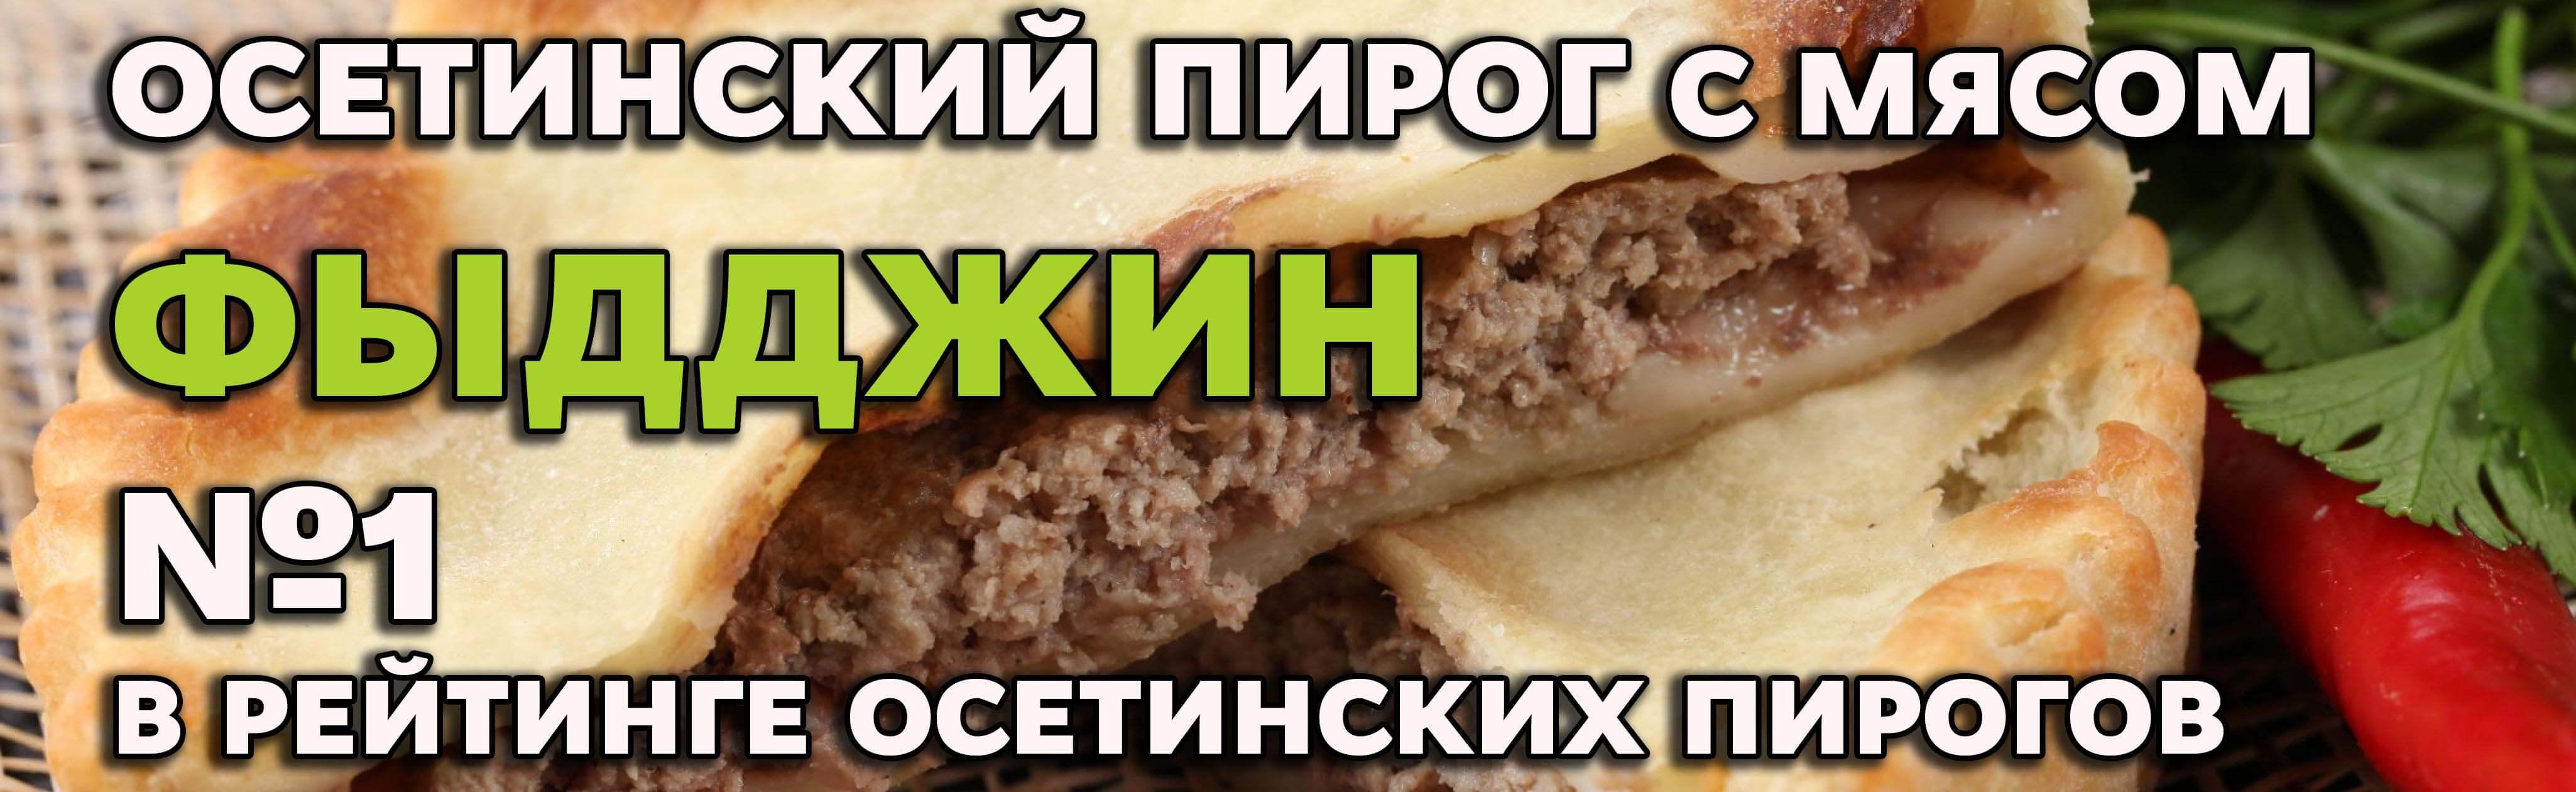 осетинский пирог с мясом фыдджин рейтинг